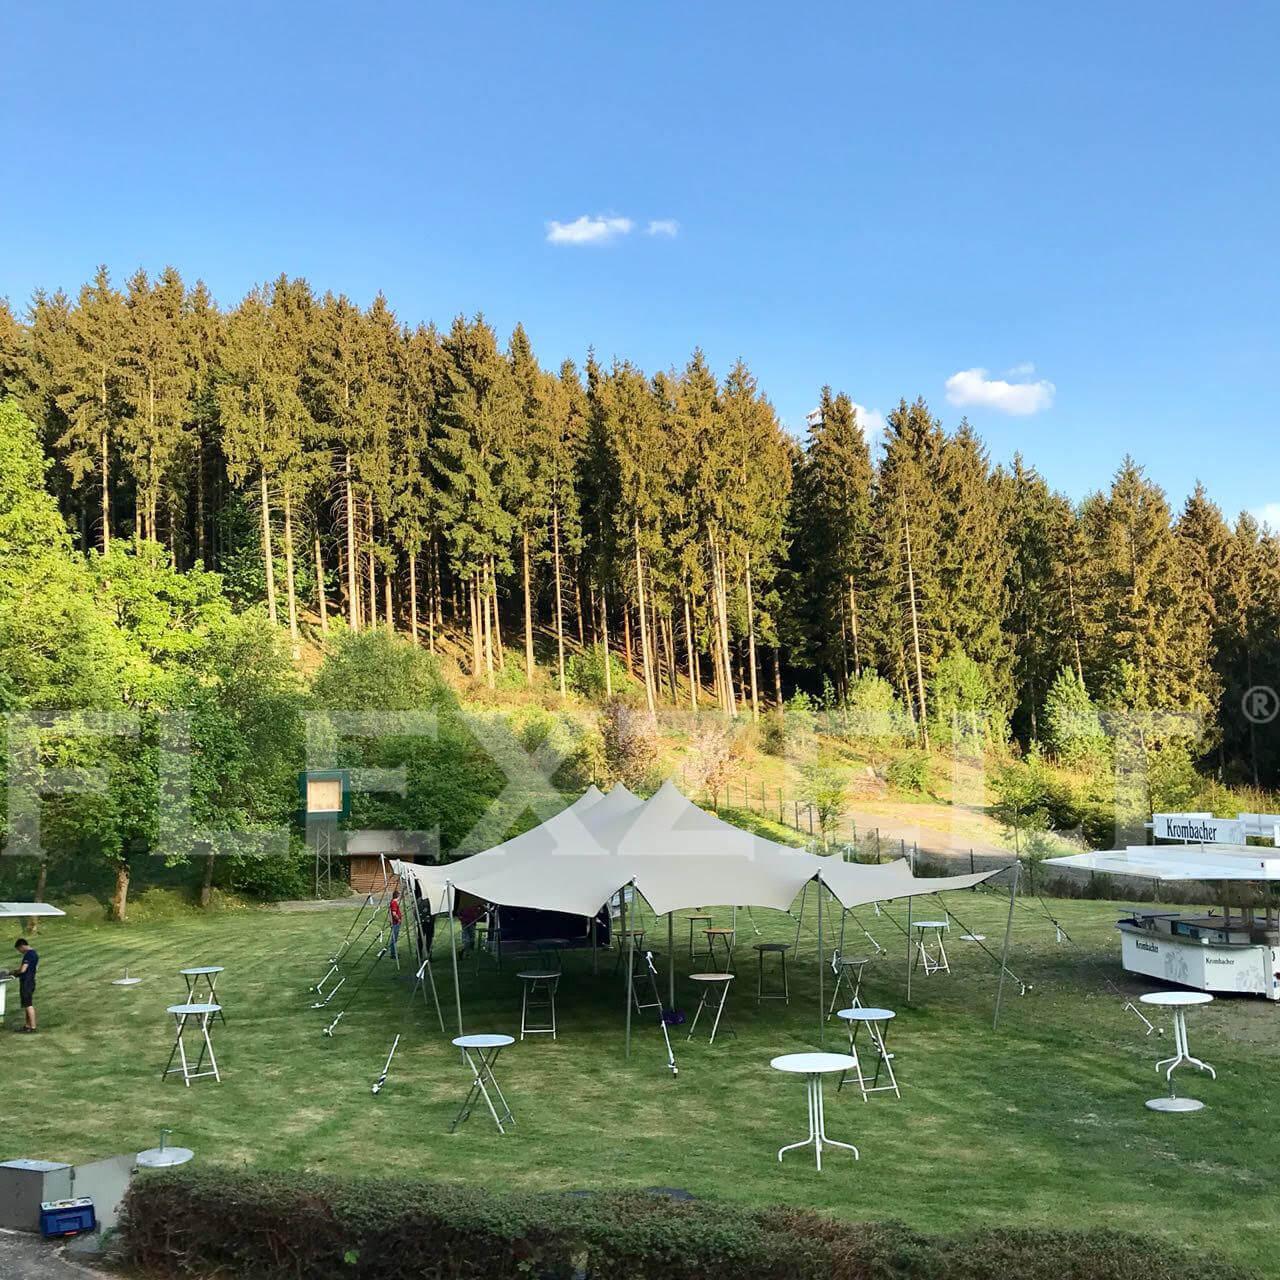 Flexzelt® - Wald - Festival - Flextent®